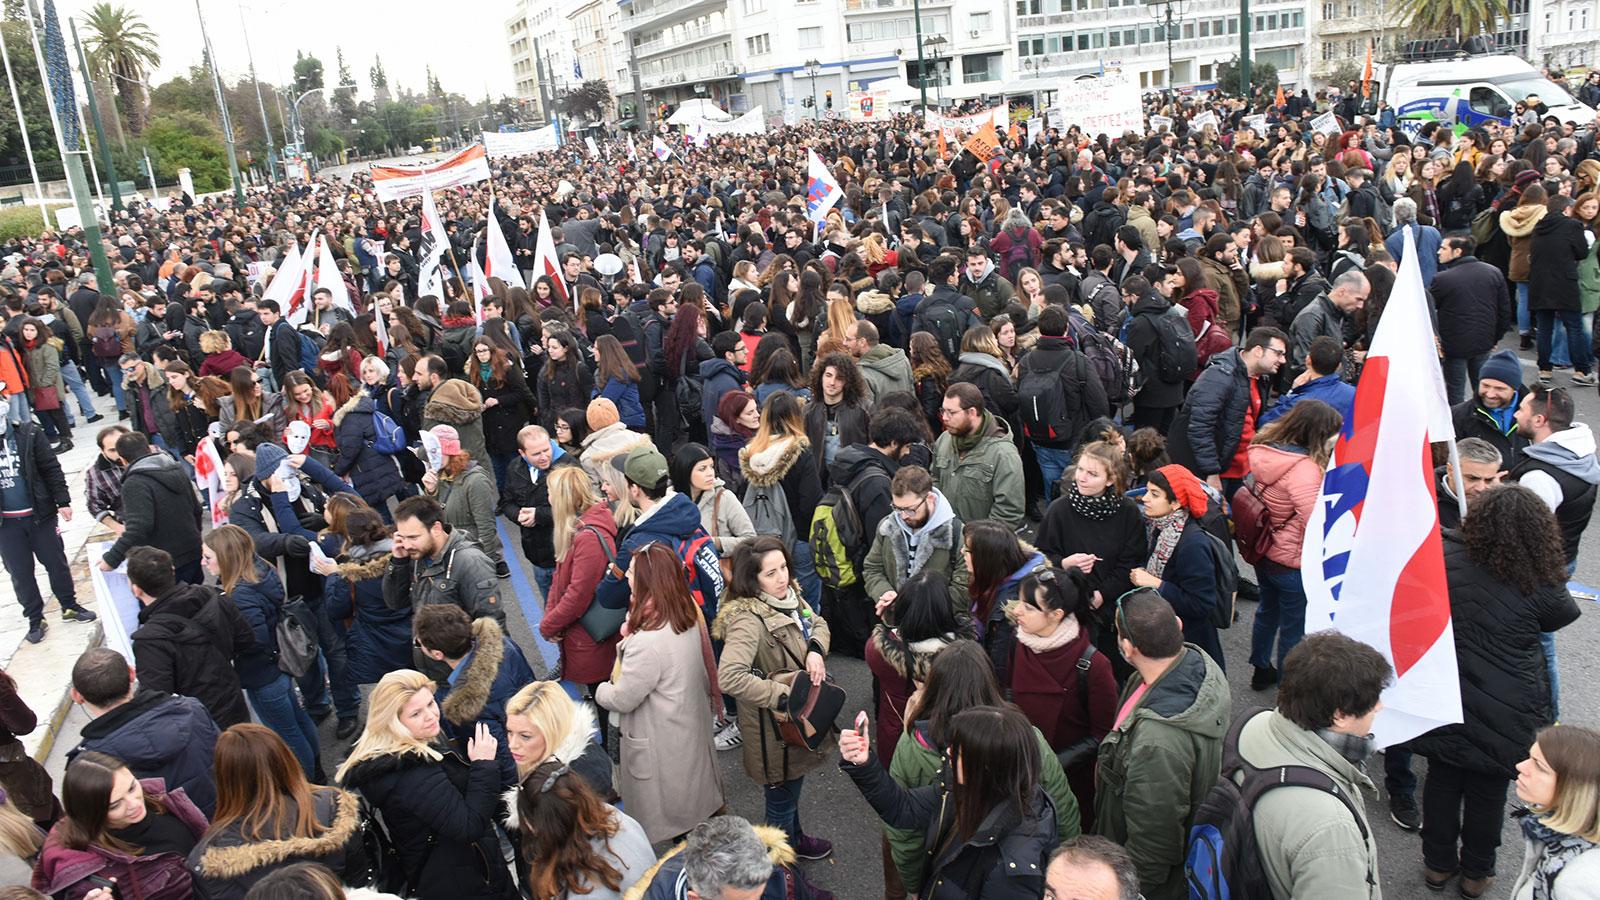 14-01-2019-kinitopoihsh-ekpaideftikwn-athina-syntagma-1